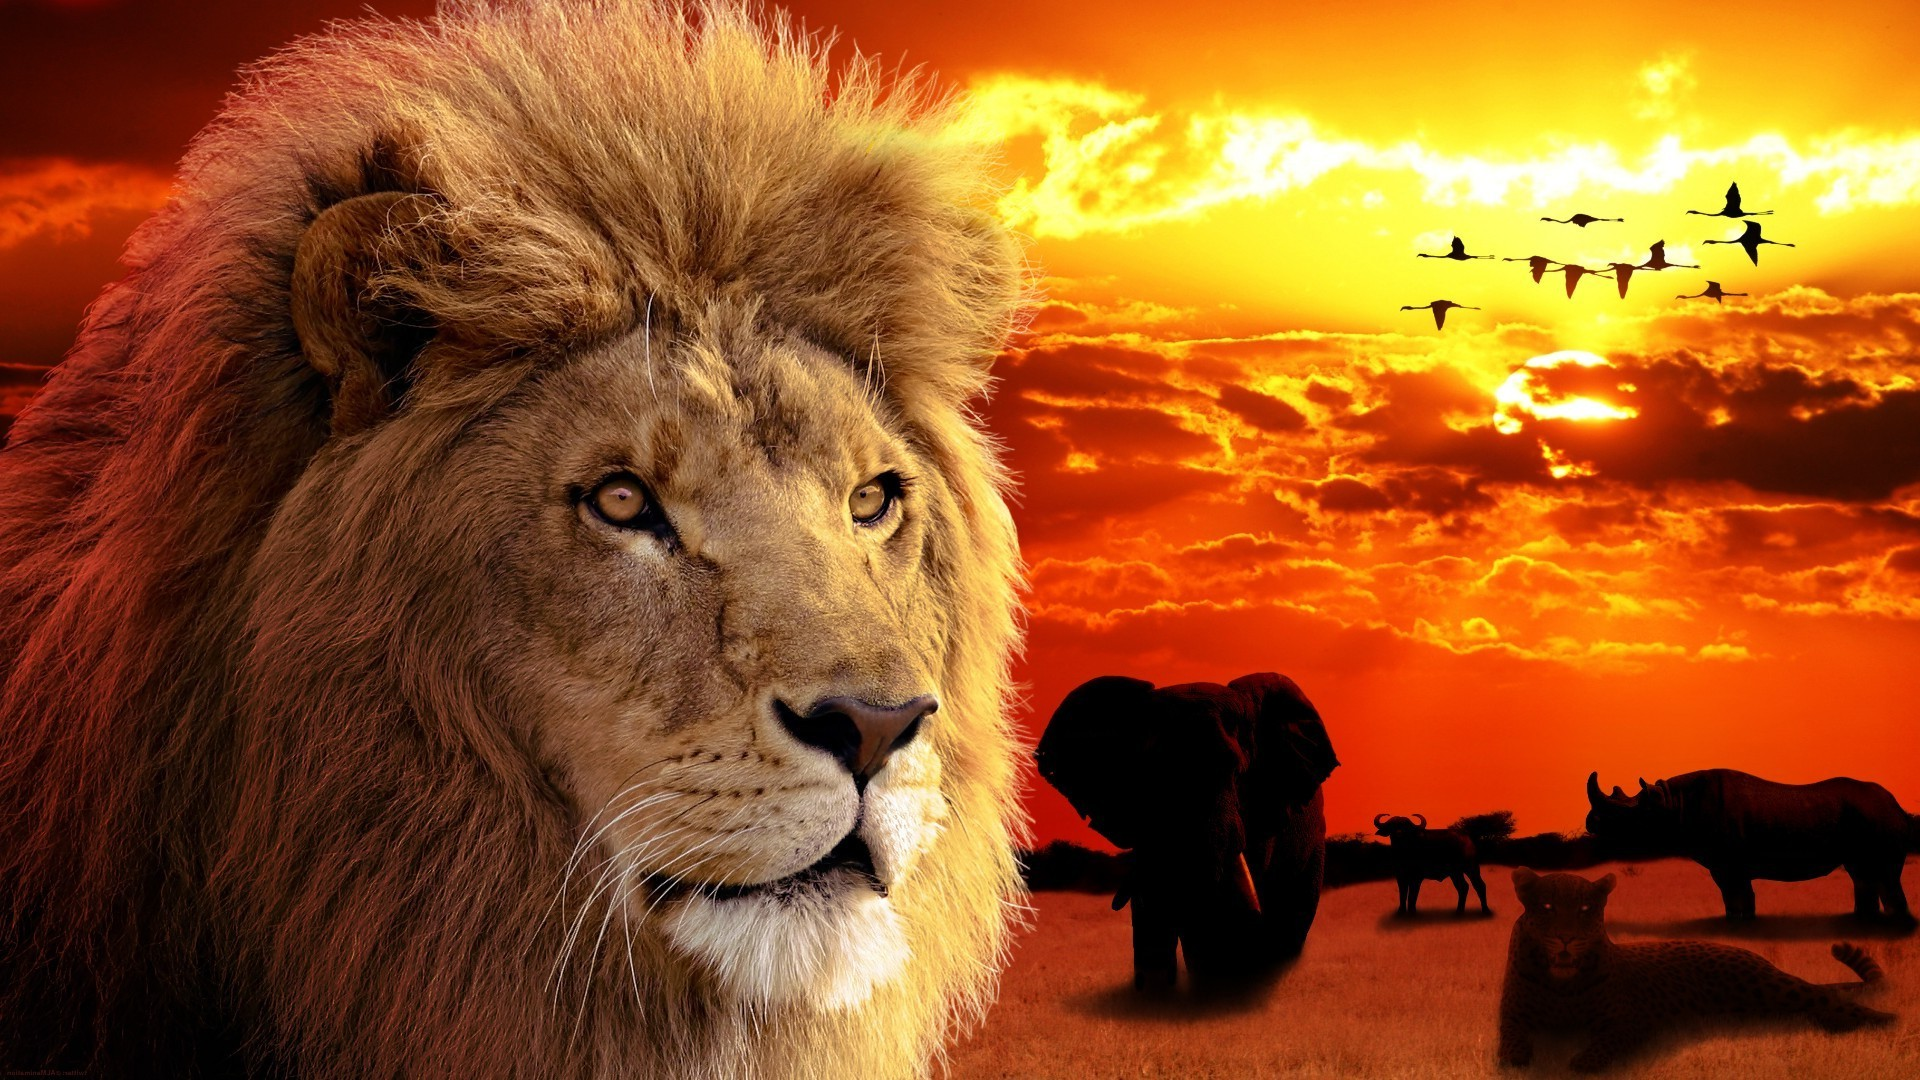 природа животные лев подборки